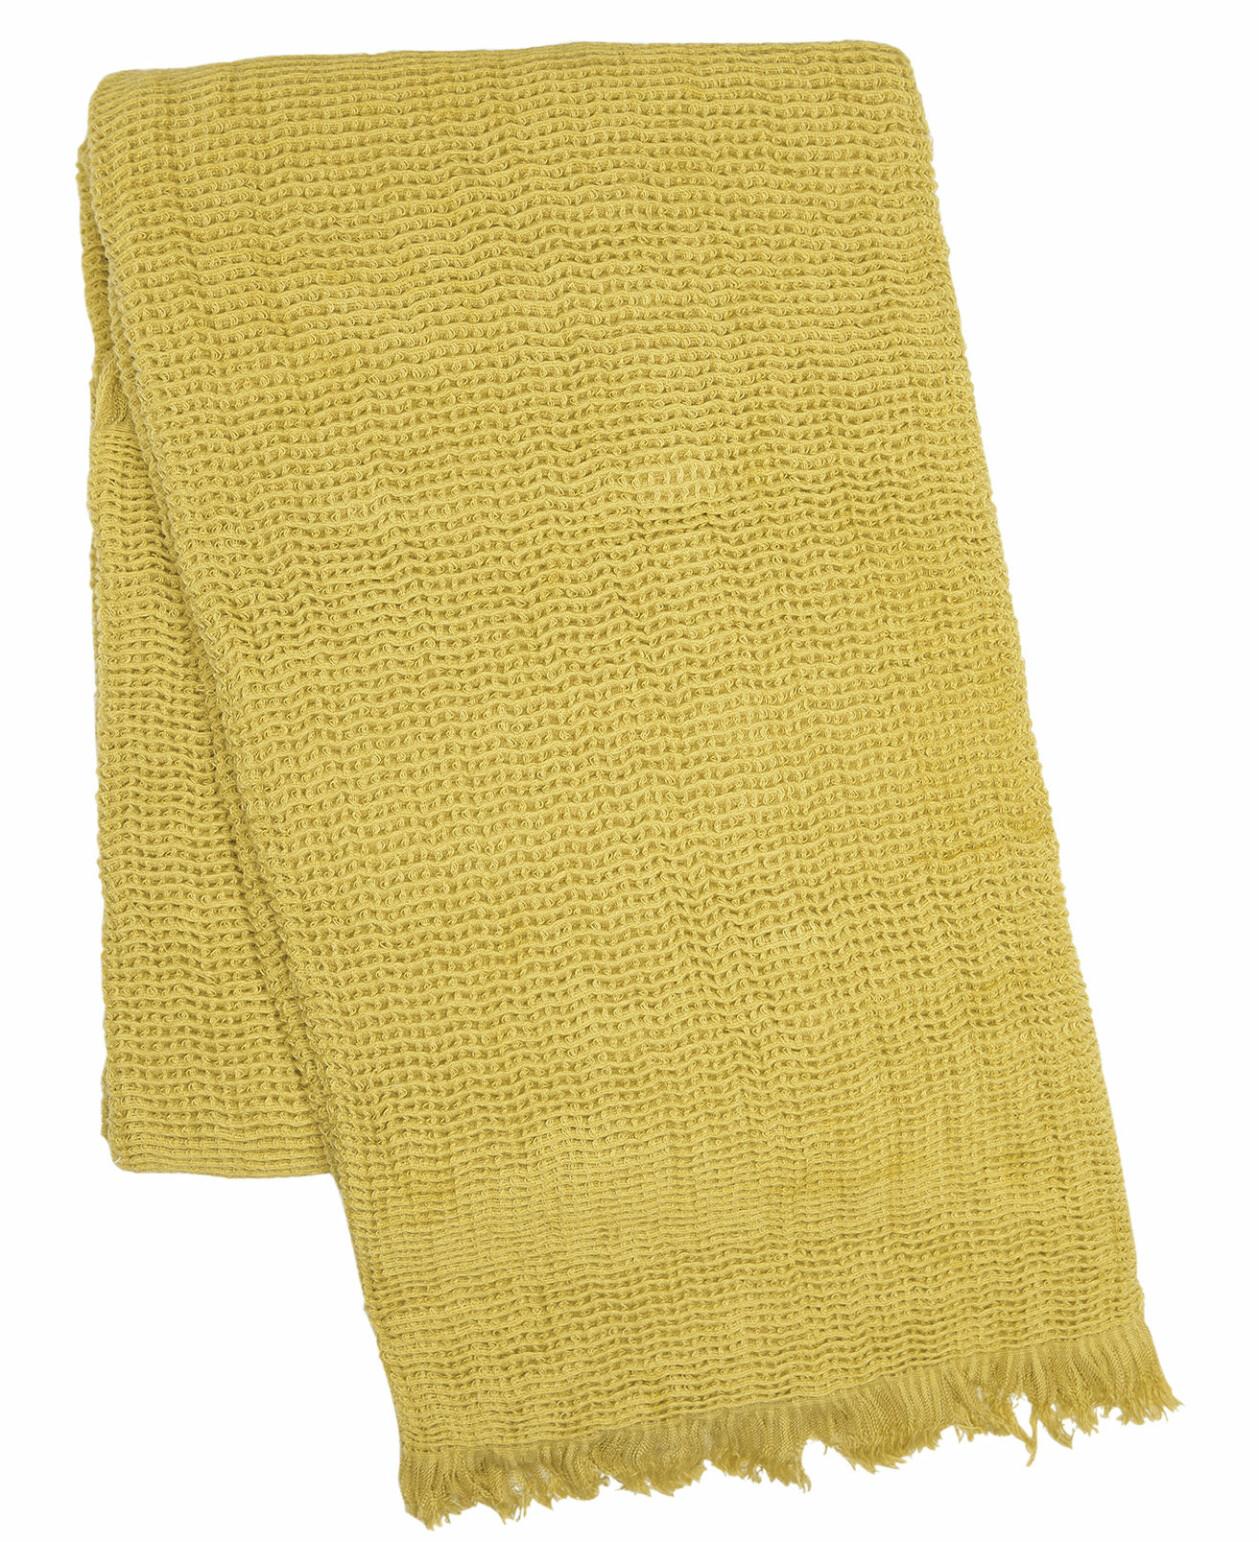 Våfflad pläd i gult, från Cellbes